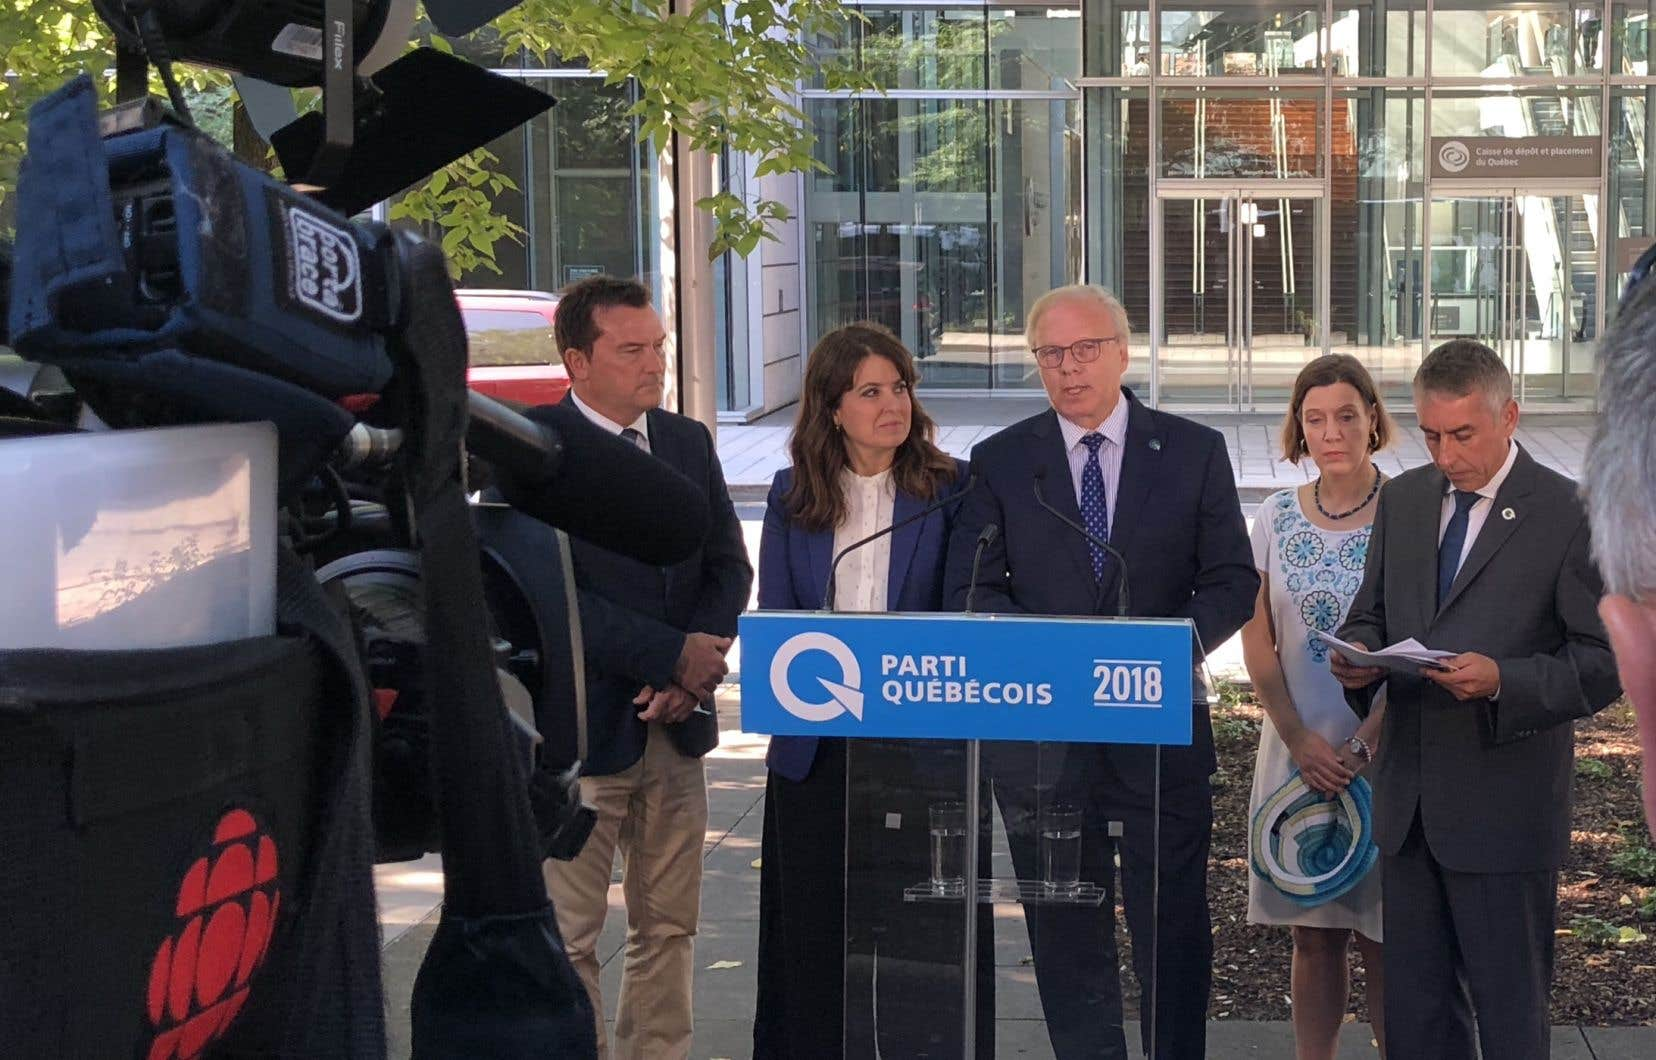 Le PQ propose de créer un label «fabriqué au Québec» pour encourager l'achat local, a annoncé lundi Jean-François Lisée… vêtu d'un complet américain.